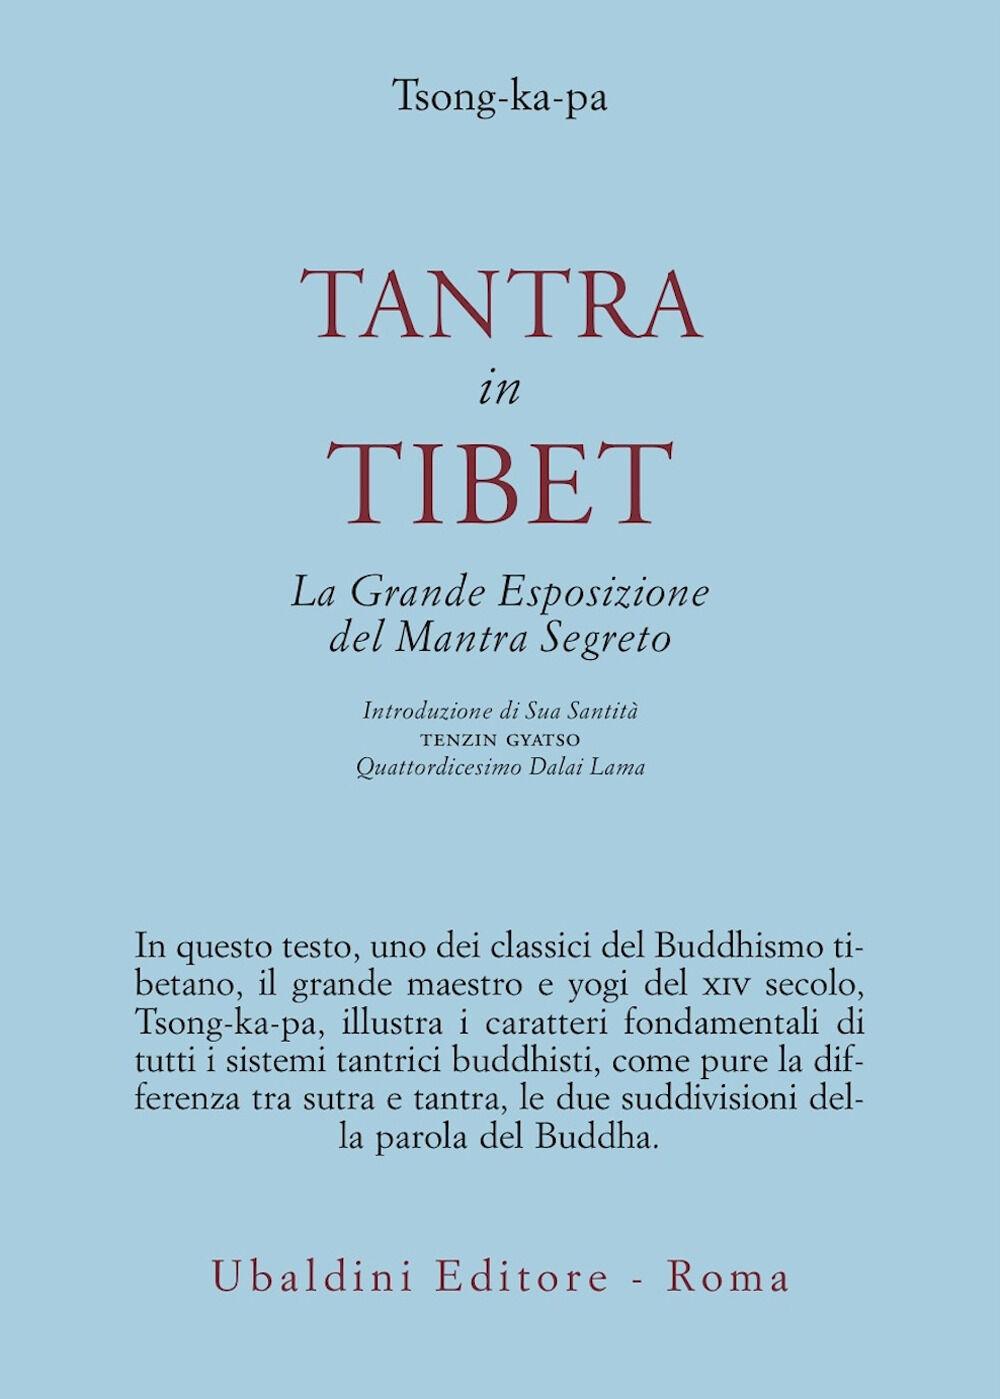 Tantra in Tibet. La grande esposizione del Mantra segreto (parte prima). Vol. 1: Tantra in Tibet.